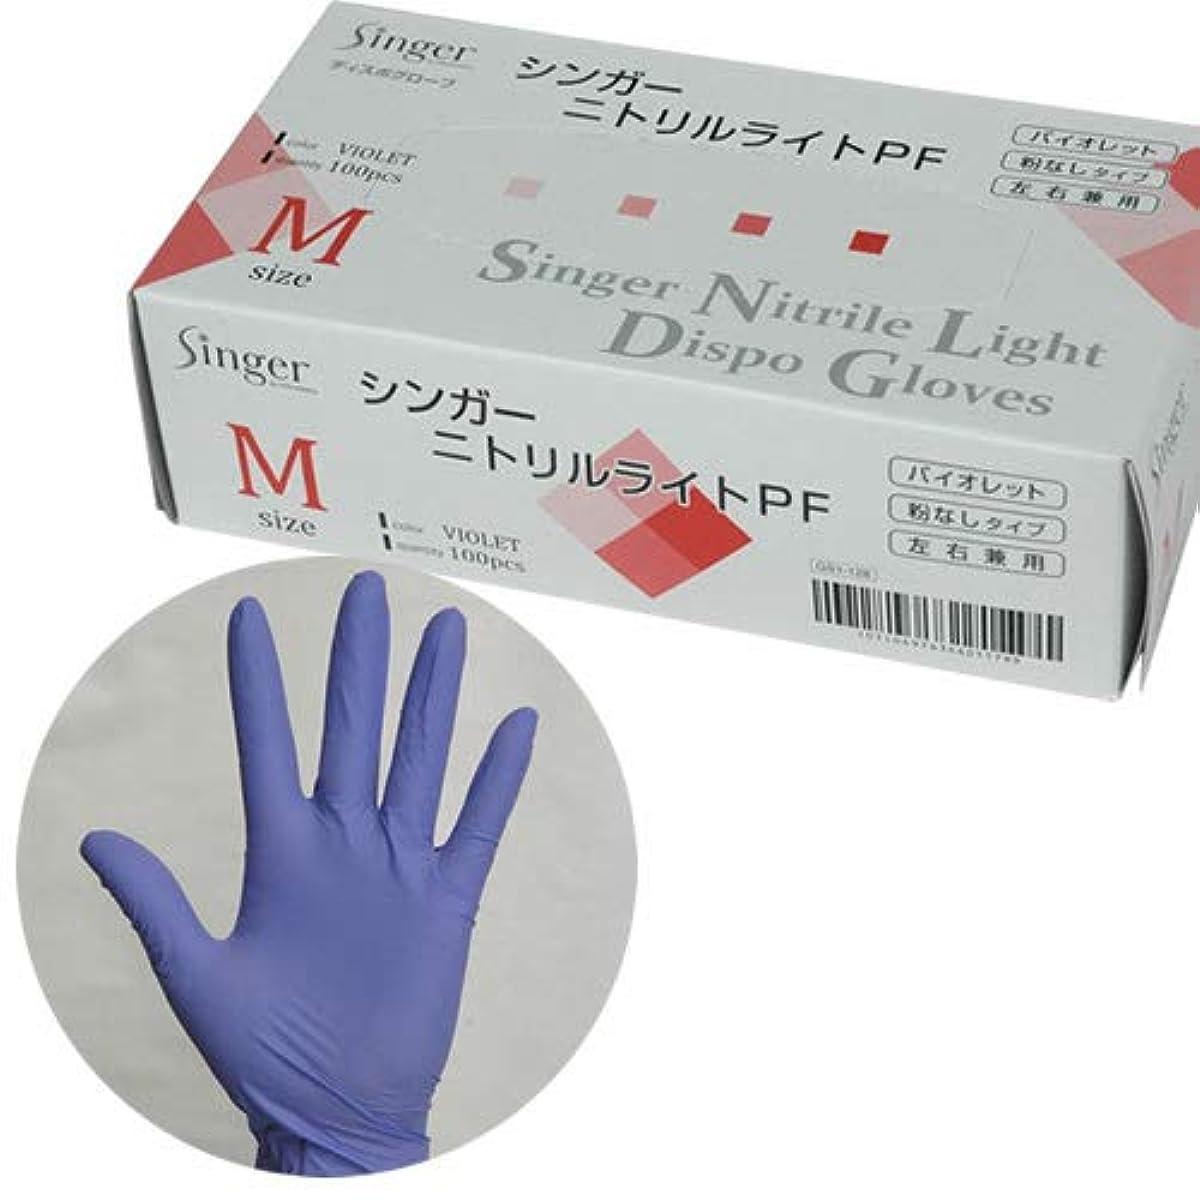 頭エジプト人専門用語シンガー ニトリルライトPF粉なし2000枚 (100枚入り×20箱) (M)